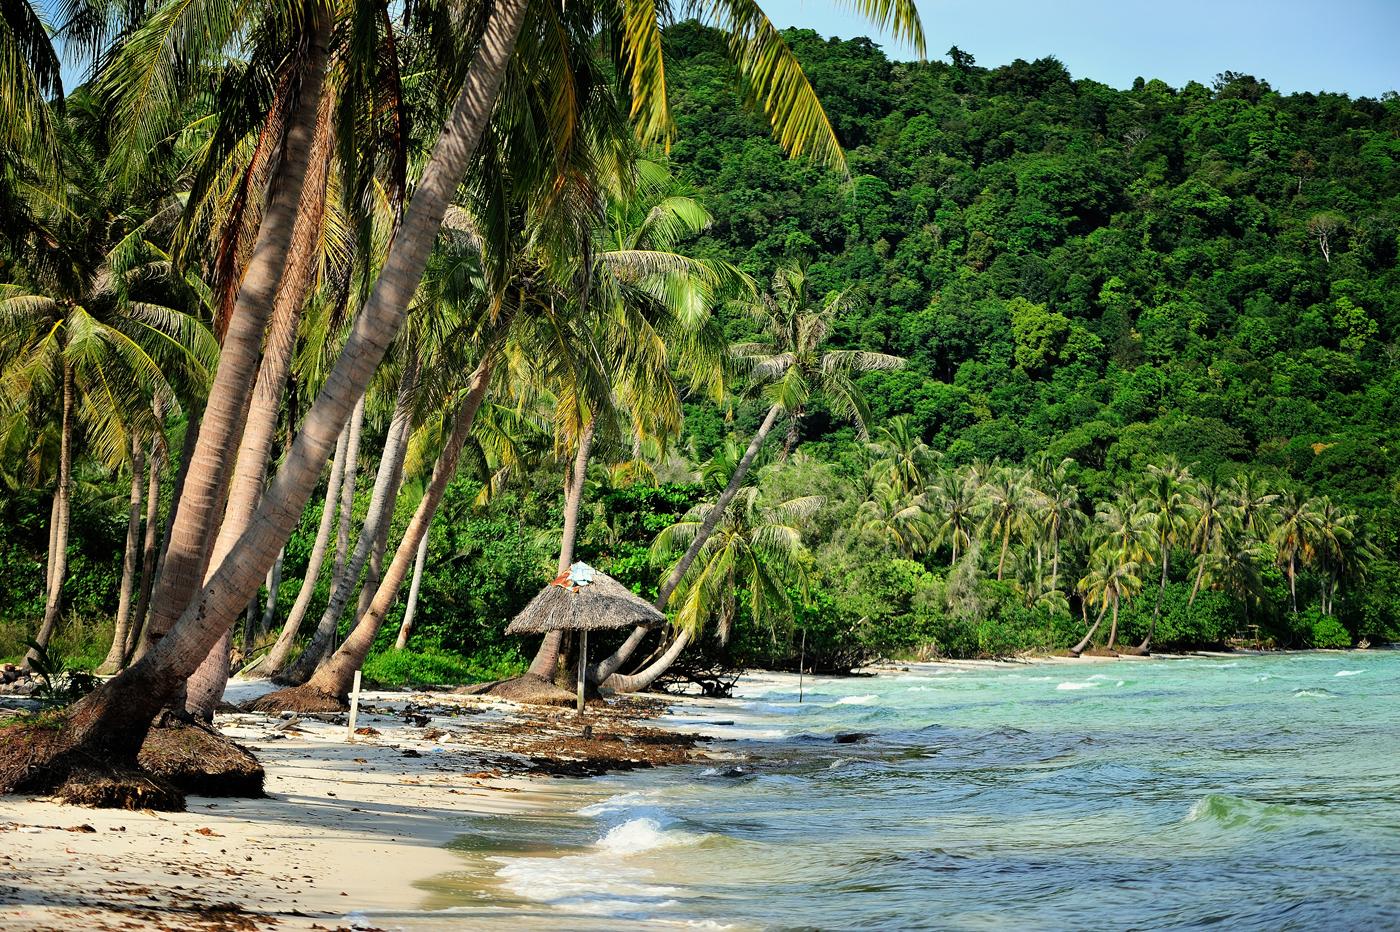 Вьетнам места отдыха фукуок пляжи фото